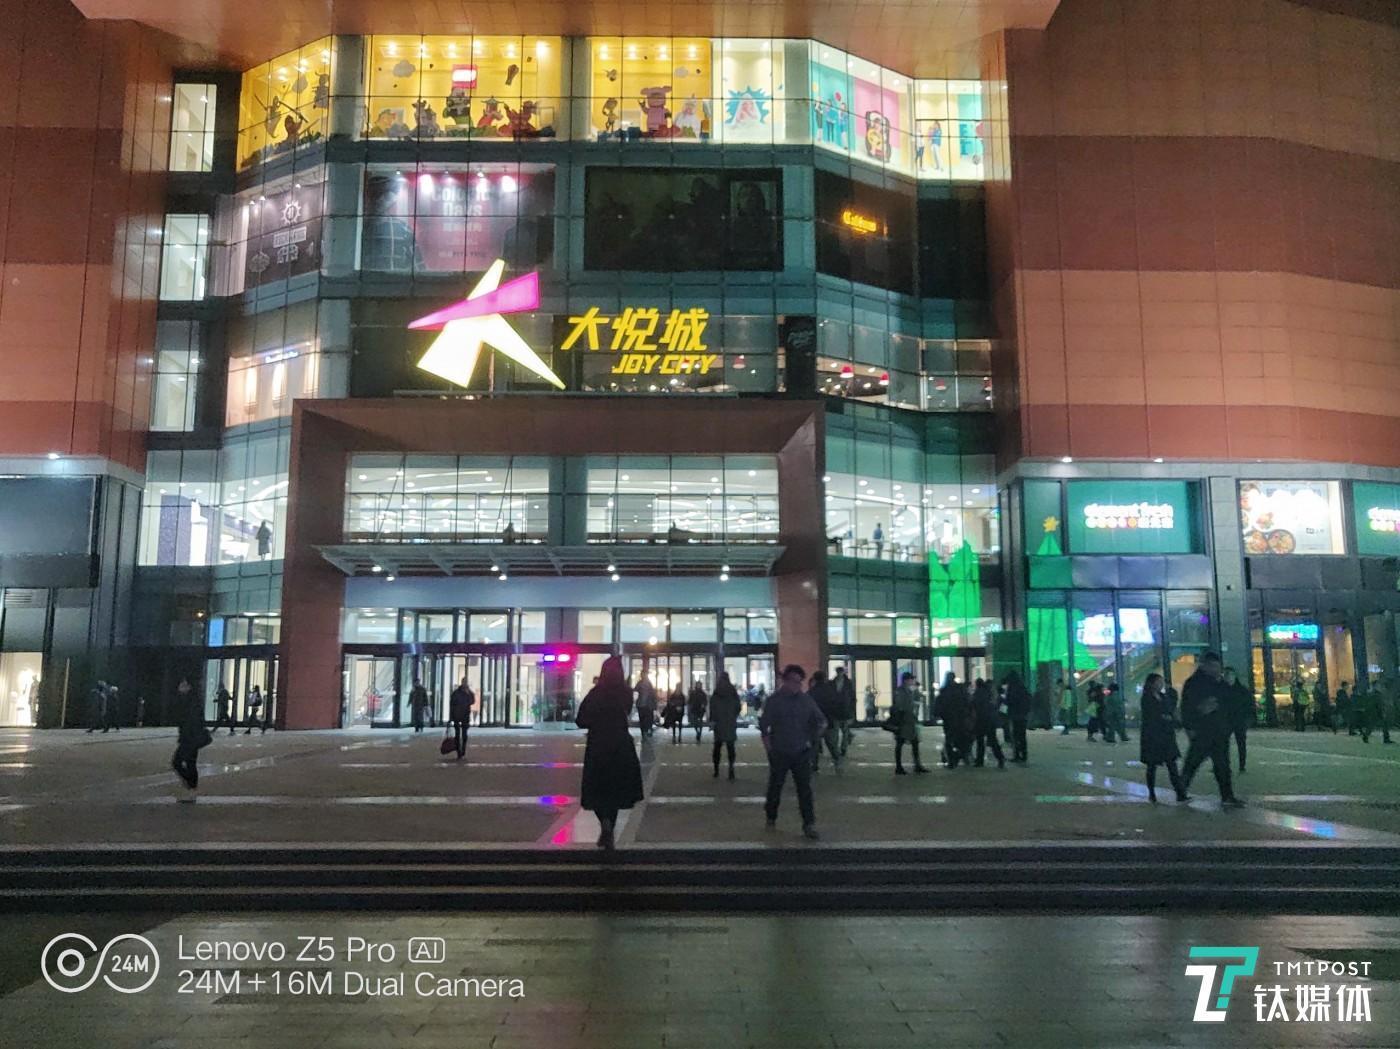 超级夜景模式 焦距:4.28mm 光圈:f/1.8 快门速度:1/35s ISO:120